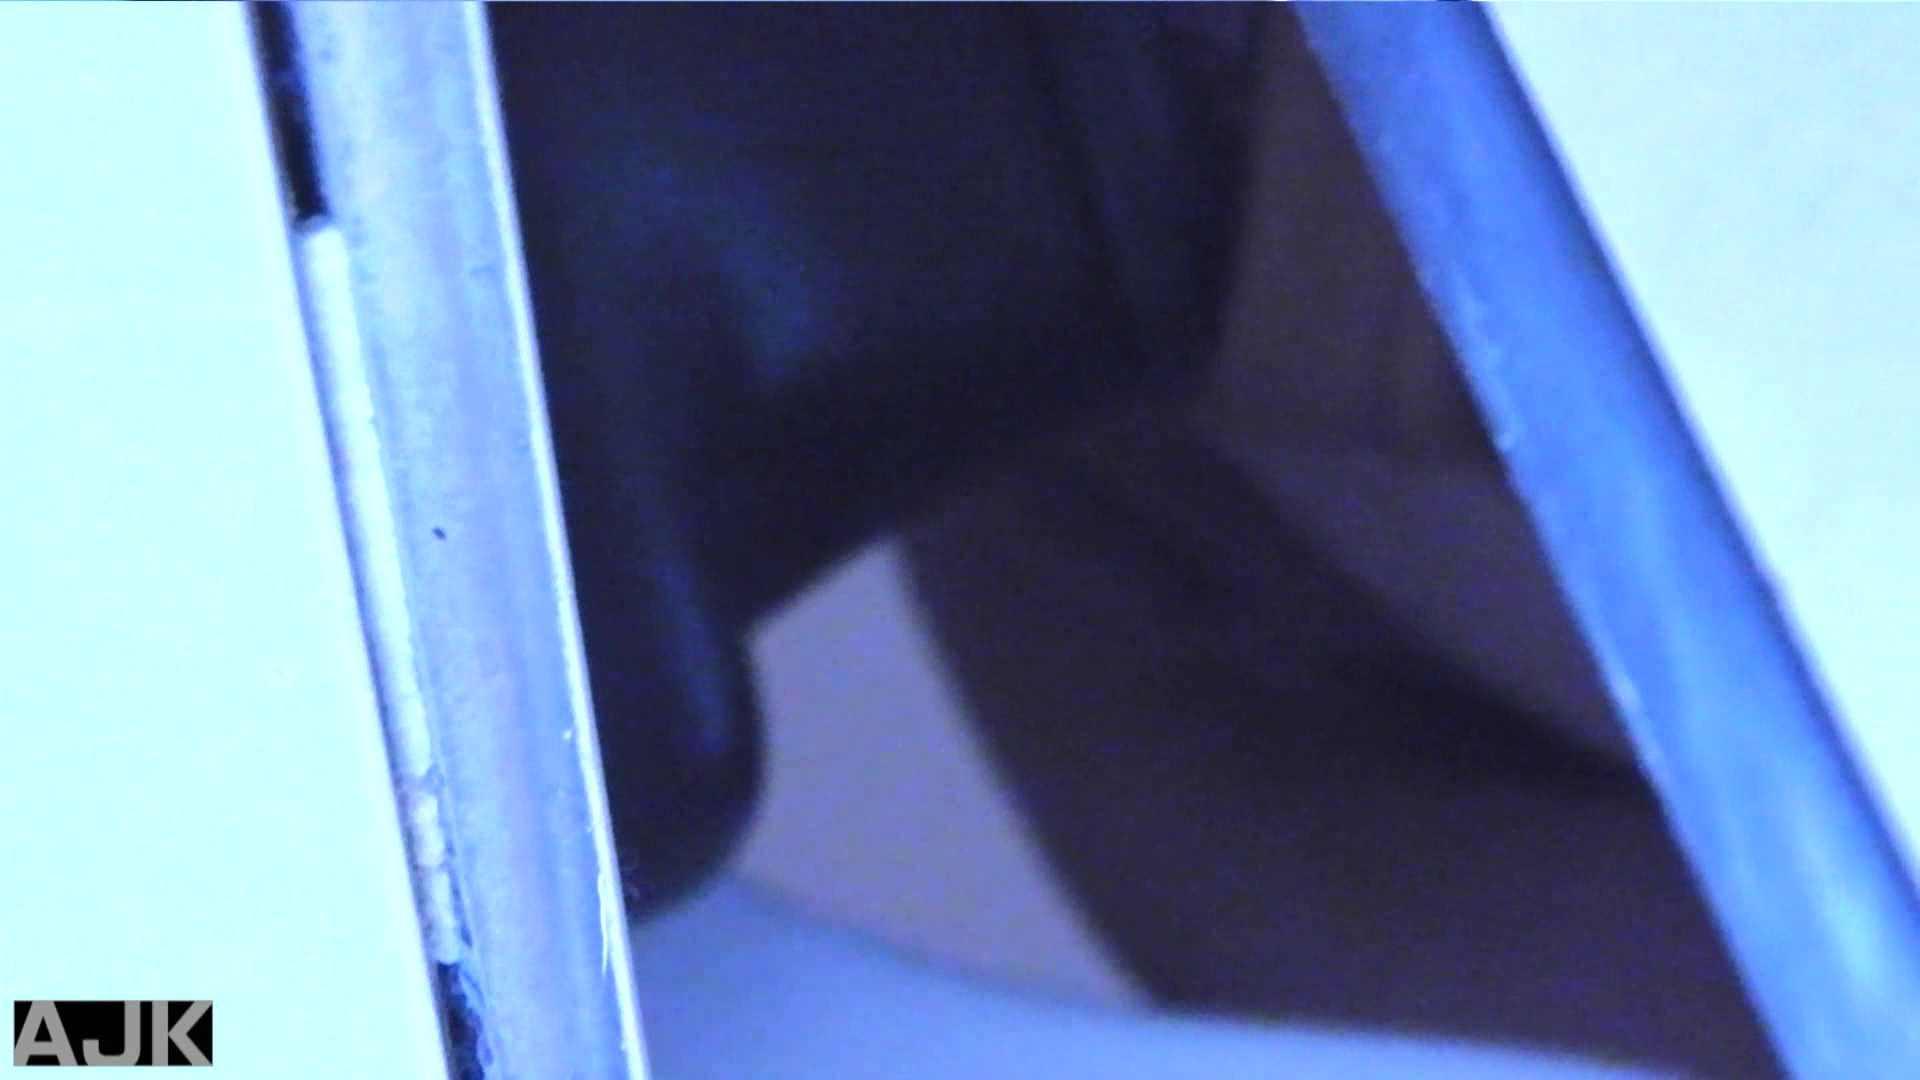 隣国上階級エリアの令嬢たちが集うデパートお手洗い Vol.07 お手洗いのぞき セックス画像 53画像 39